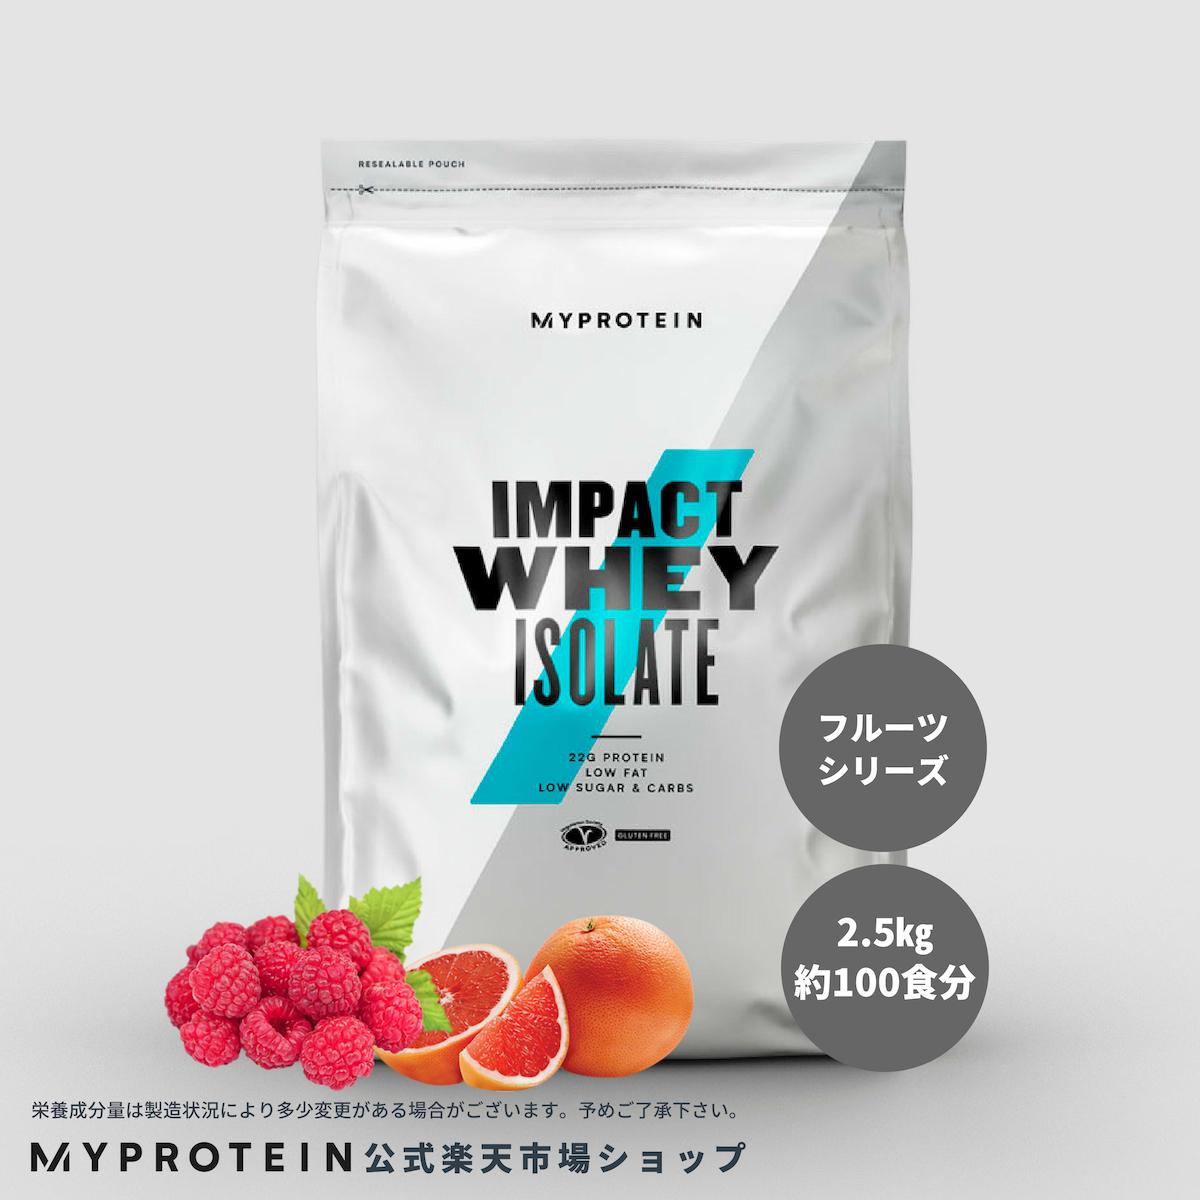 マイプロテイン 公式 【MyProtein】 Impact ホエイ アイソレート(WPI)(フルーツシリーズ) 2.5kg 約100食分| プロテイン ホエイ ホエイプロテイン ダイエット ボディーメイク 低脂肪 グルタミン BCAA【楽天海外直送】